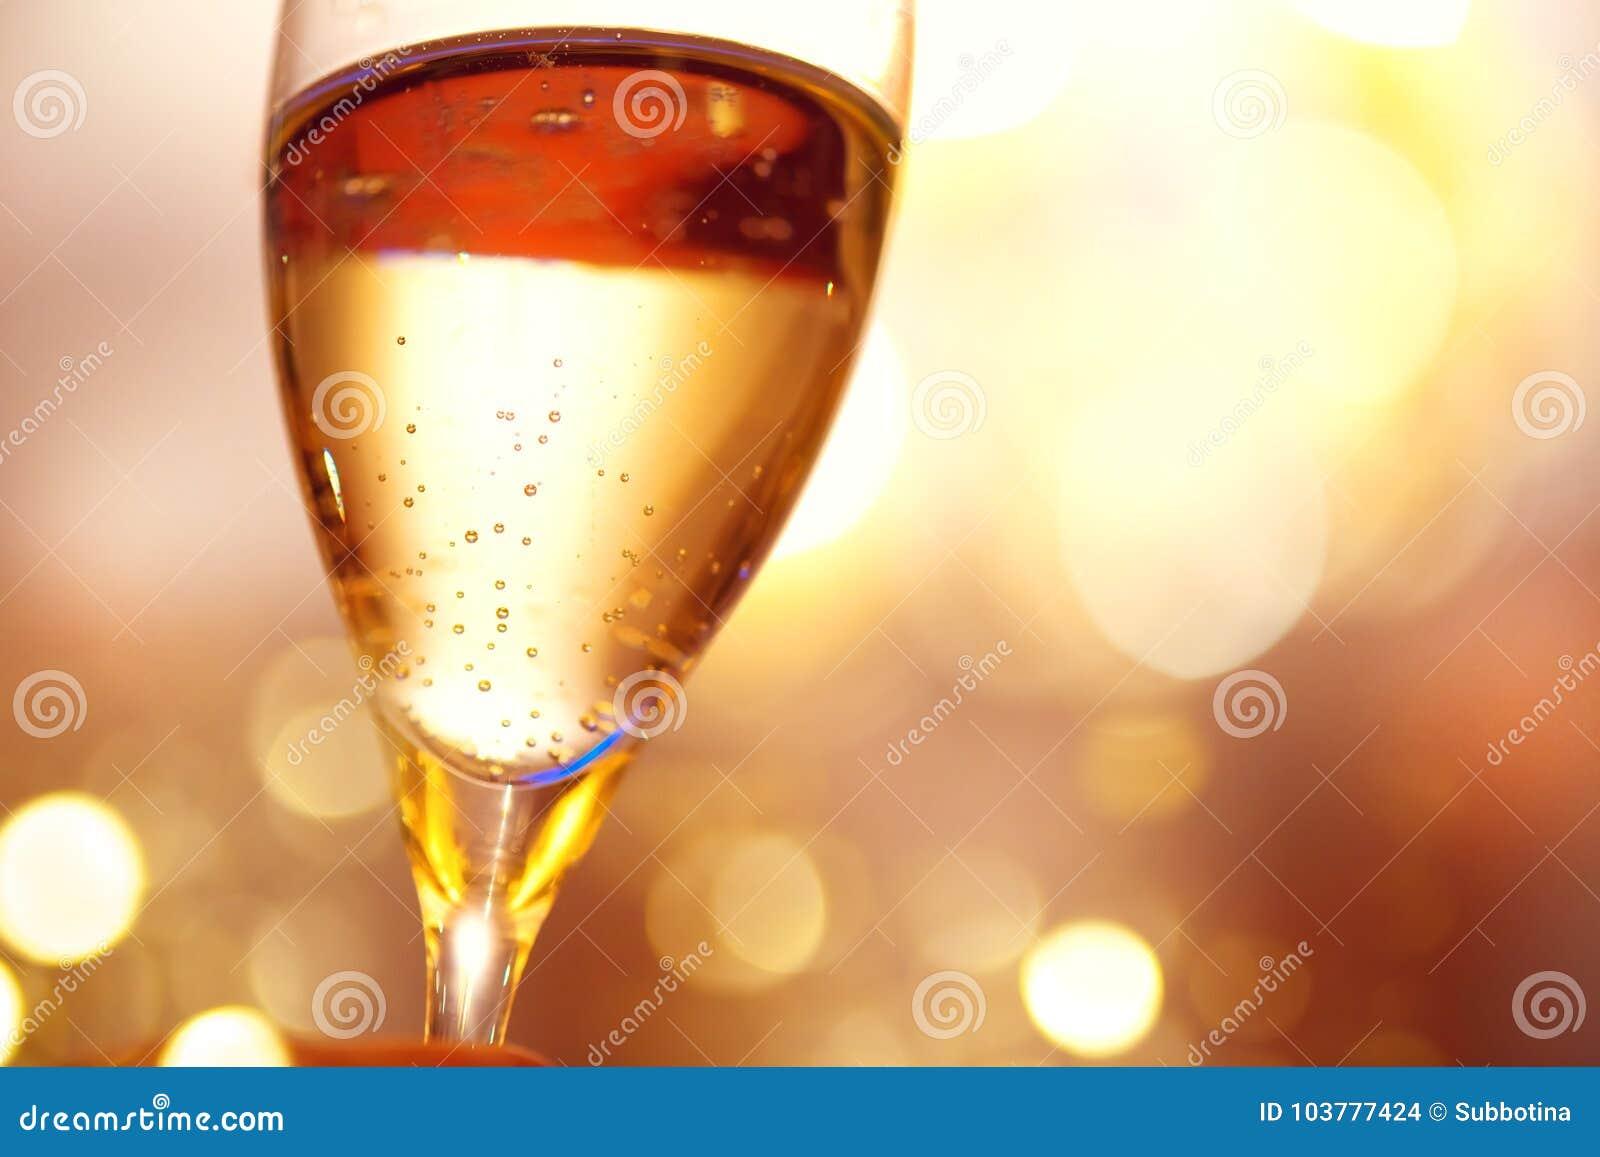 Celebración de la Navidad y del Año Nuevo con champán Vidrio de champán